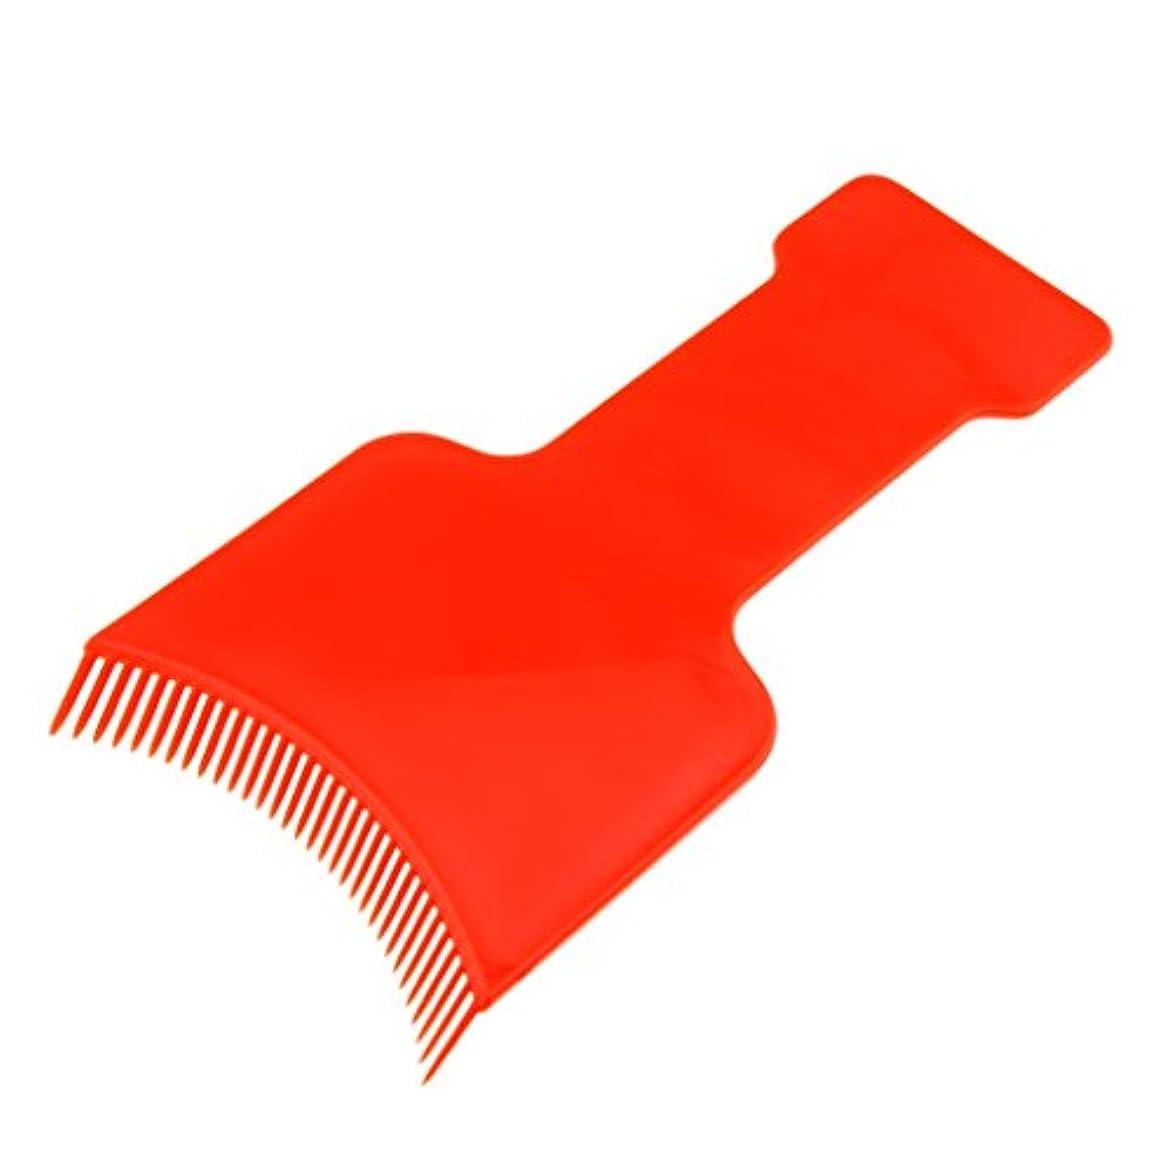 馬鹿げたスリップシューズ縁ヘアカラーボード ヘアダイコーム ヘアダイブラシ 染色櫛 プレート ヘアサロン 用品